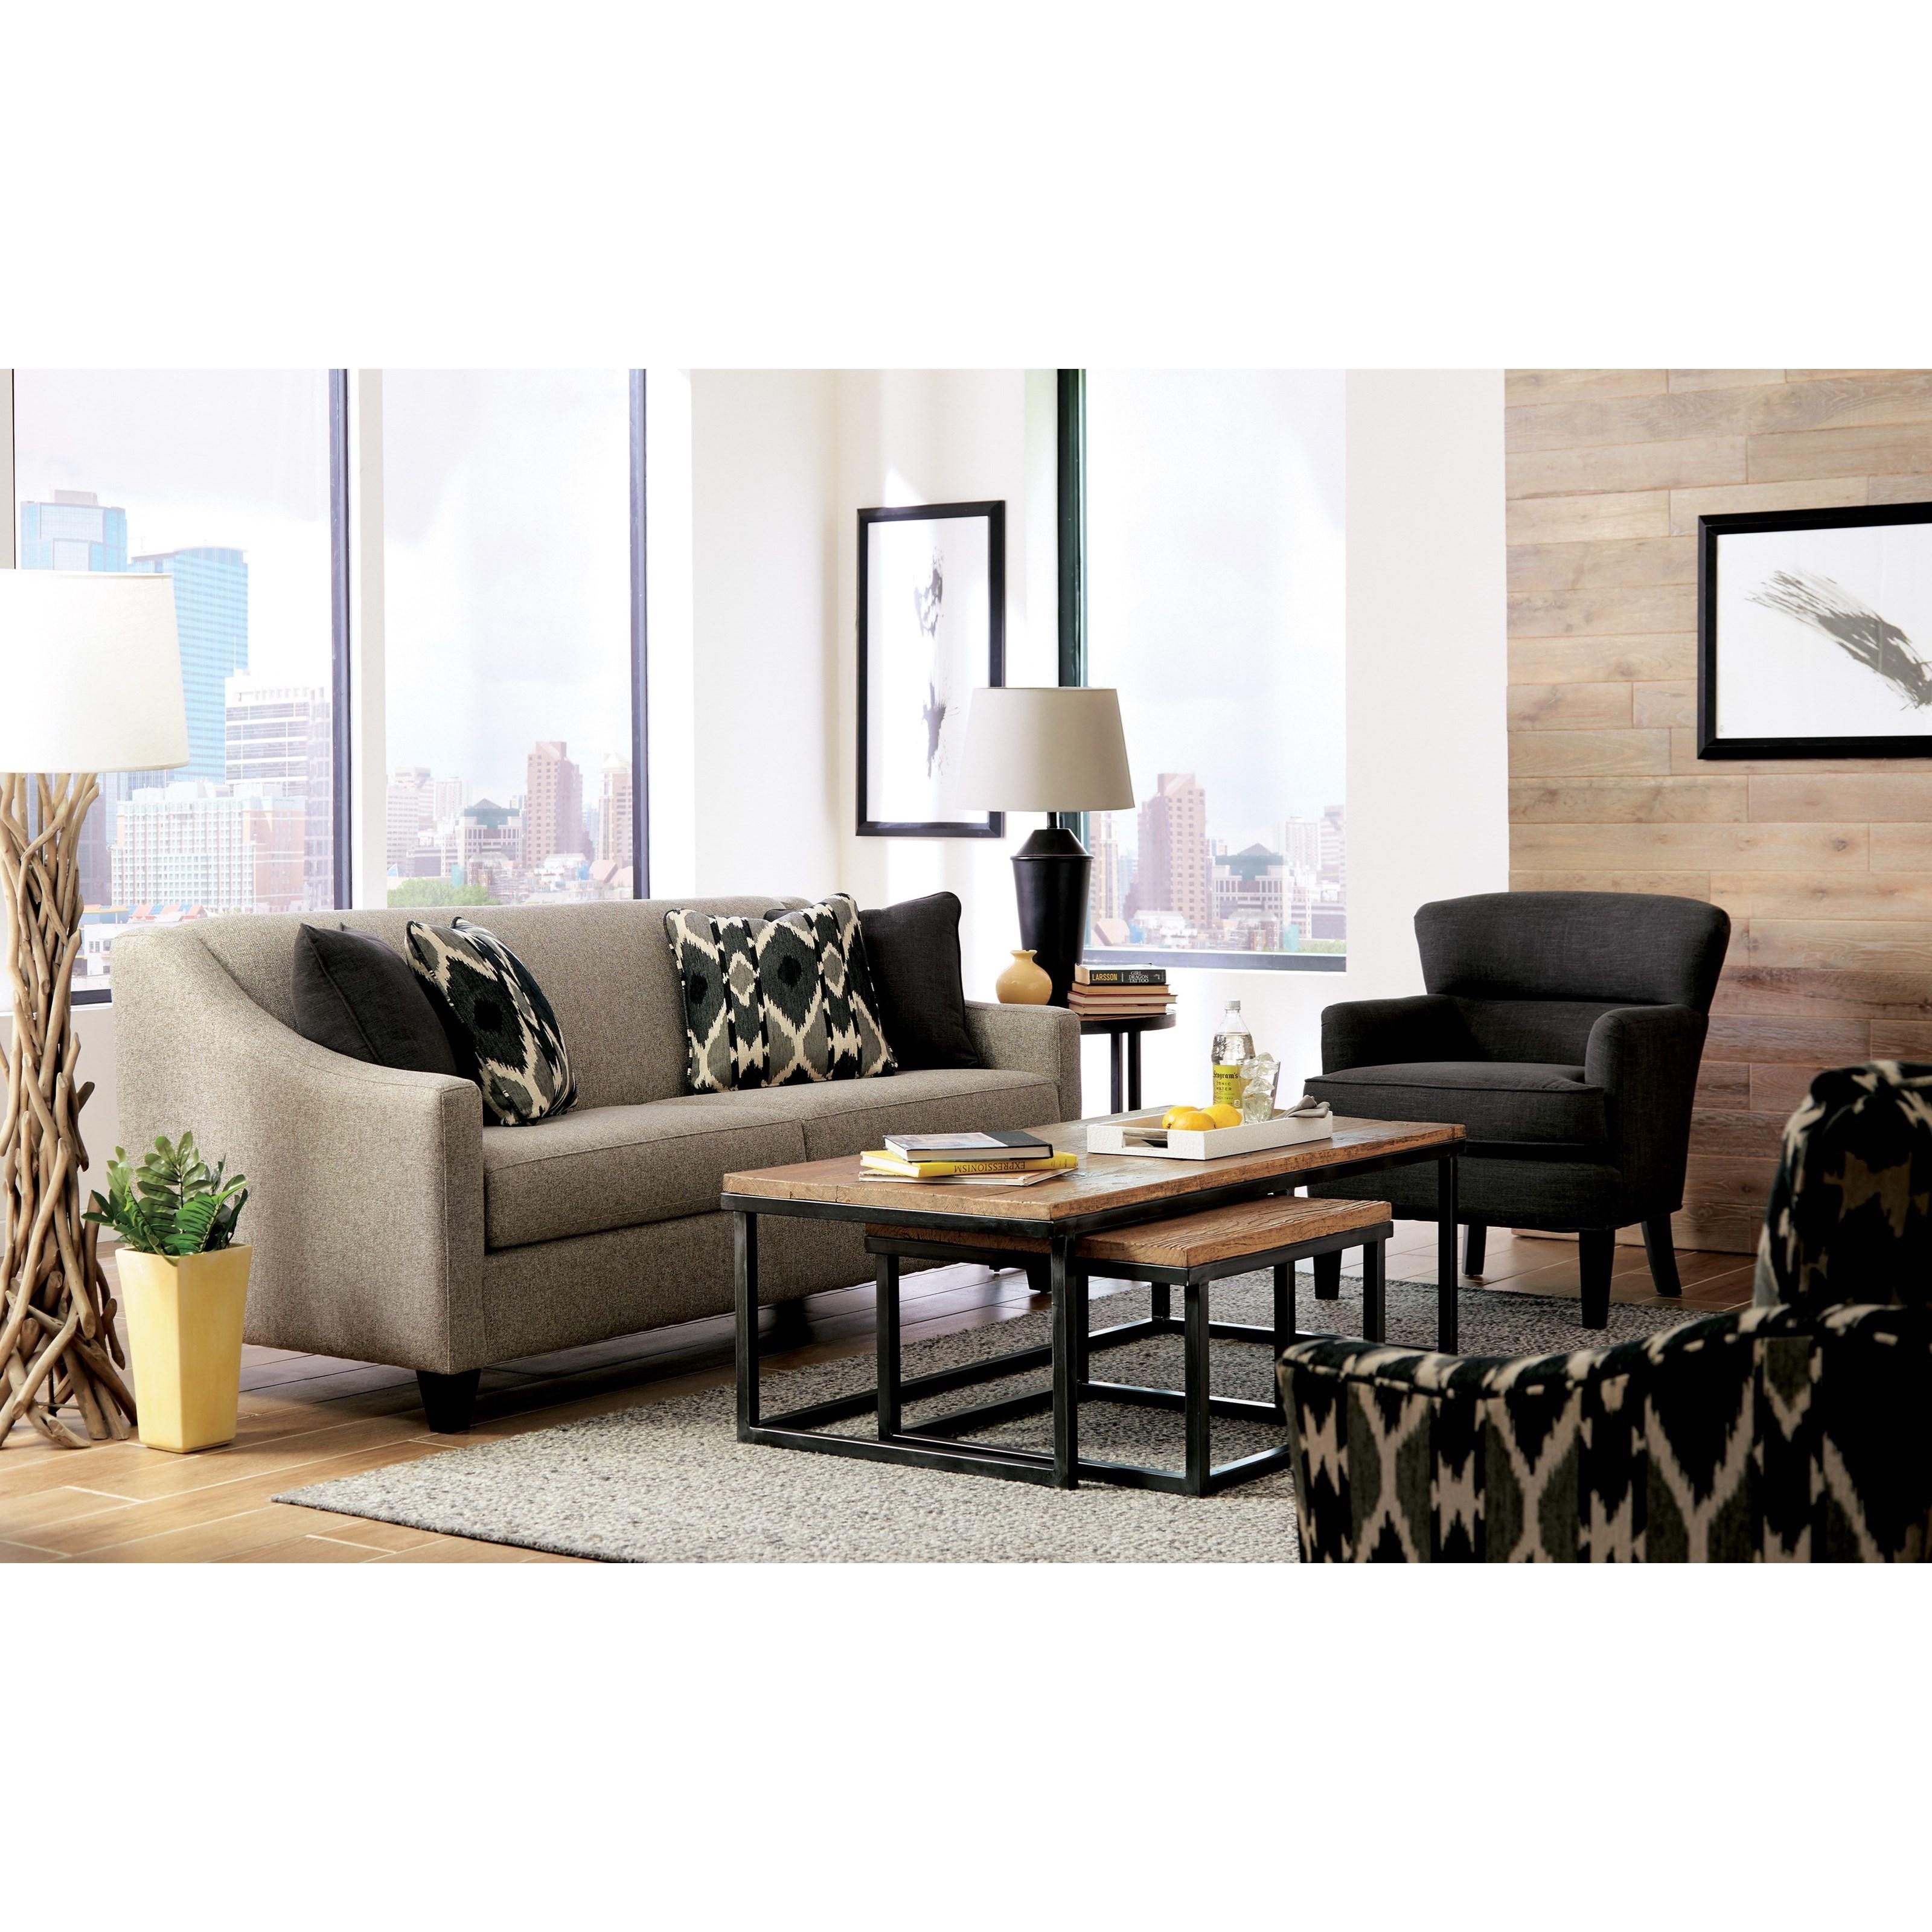 Craftmaster 776950 Contemporary Queen Sleeper Sofa